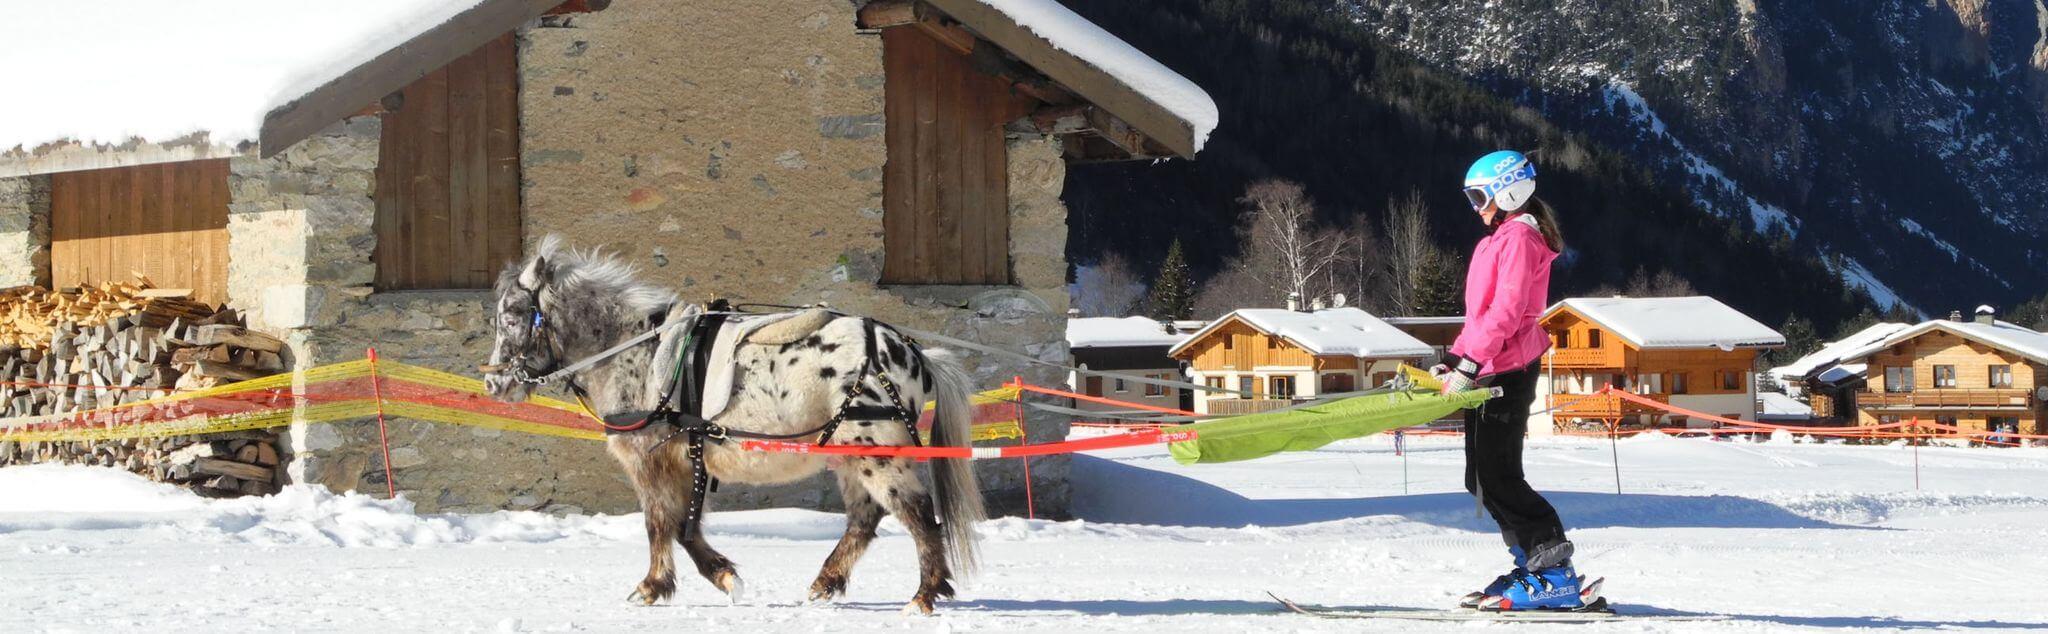 Ski Joëring dans France